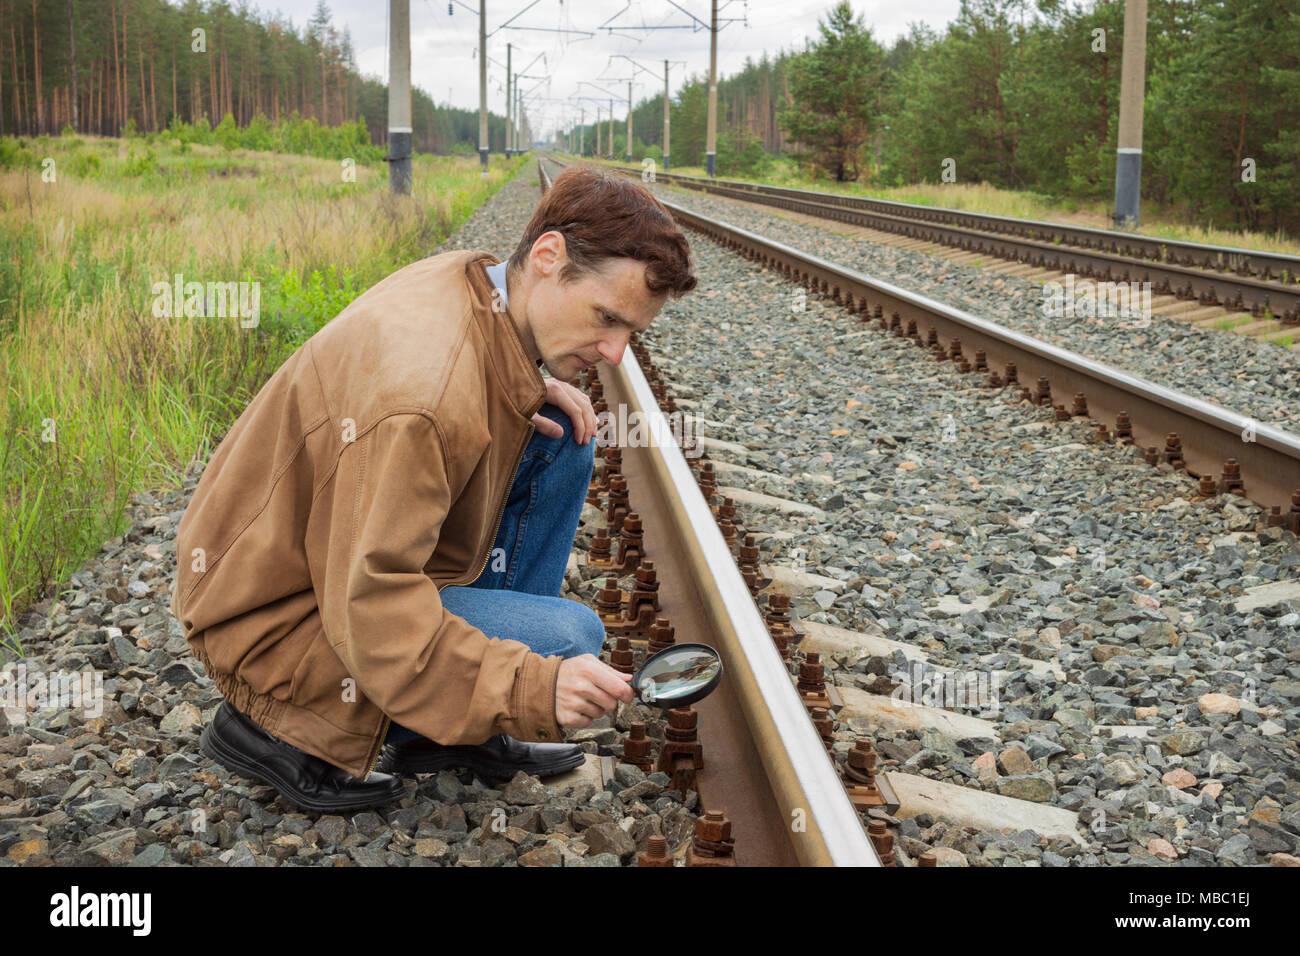 Junger Mann untersucht die Schiene Oberfläche auf der Bahn Stockbild